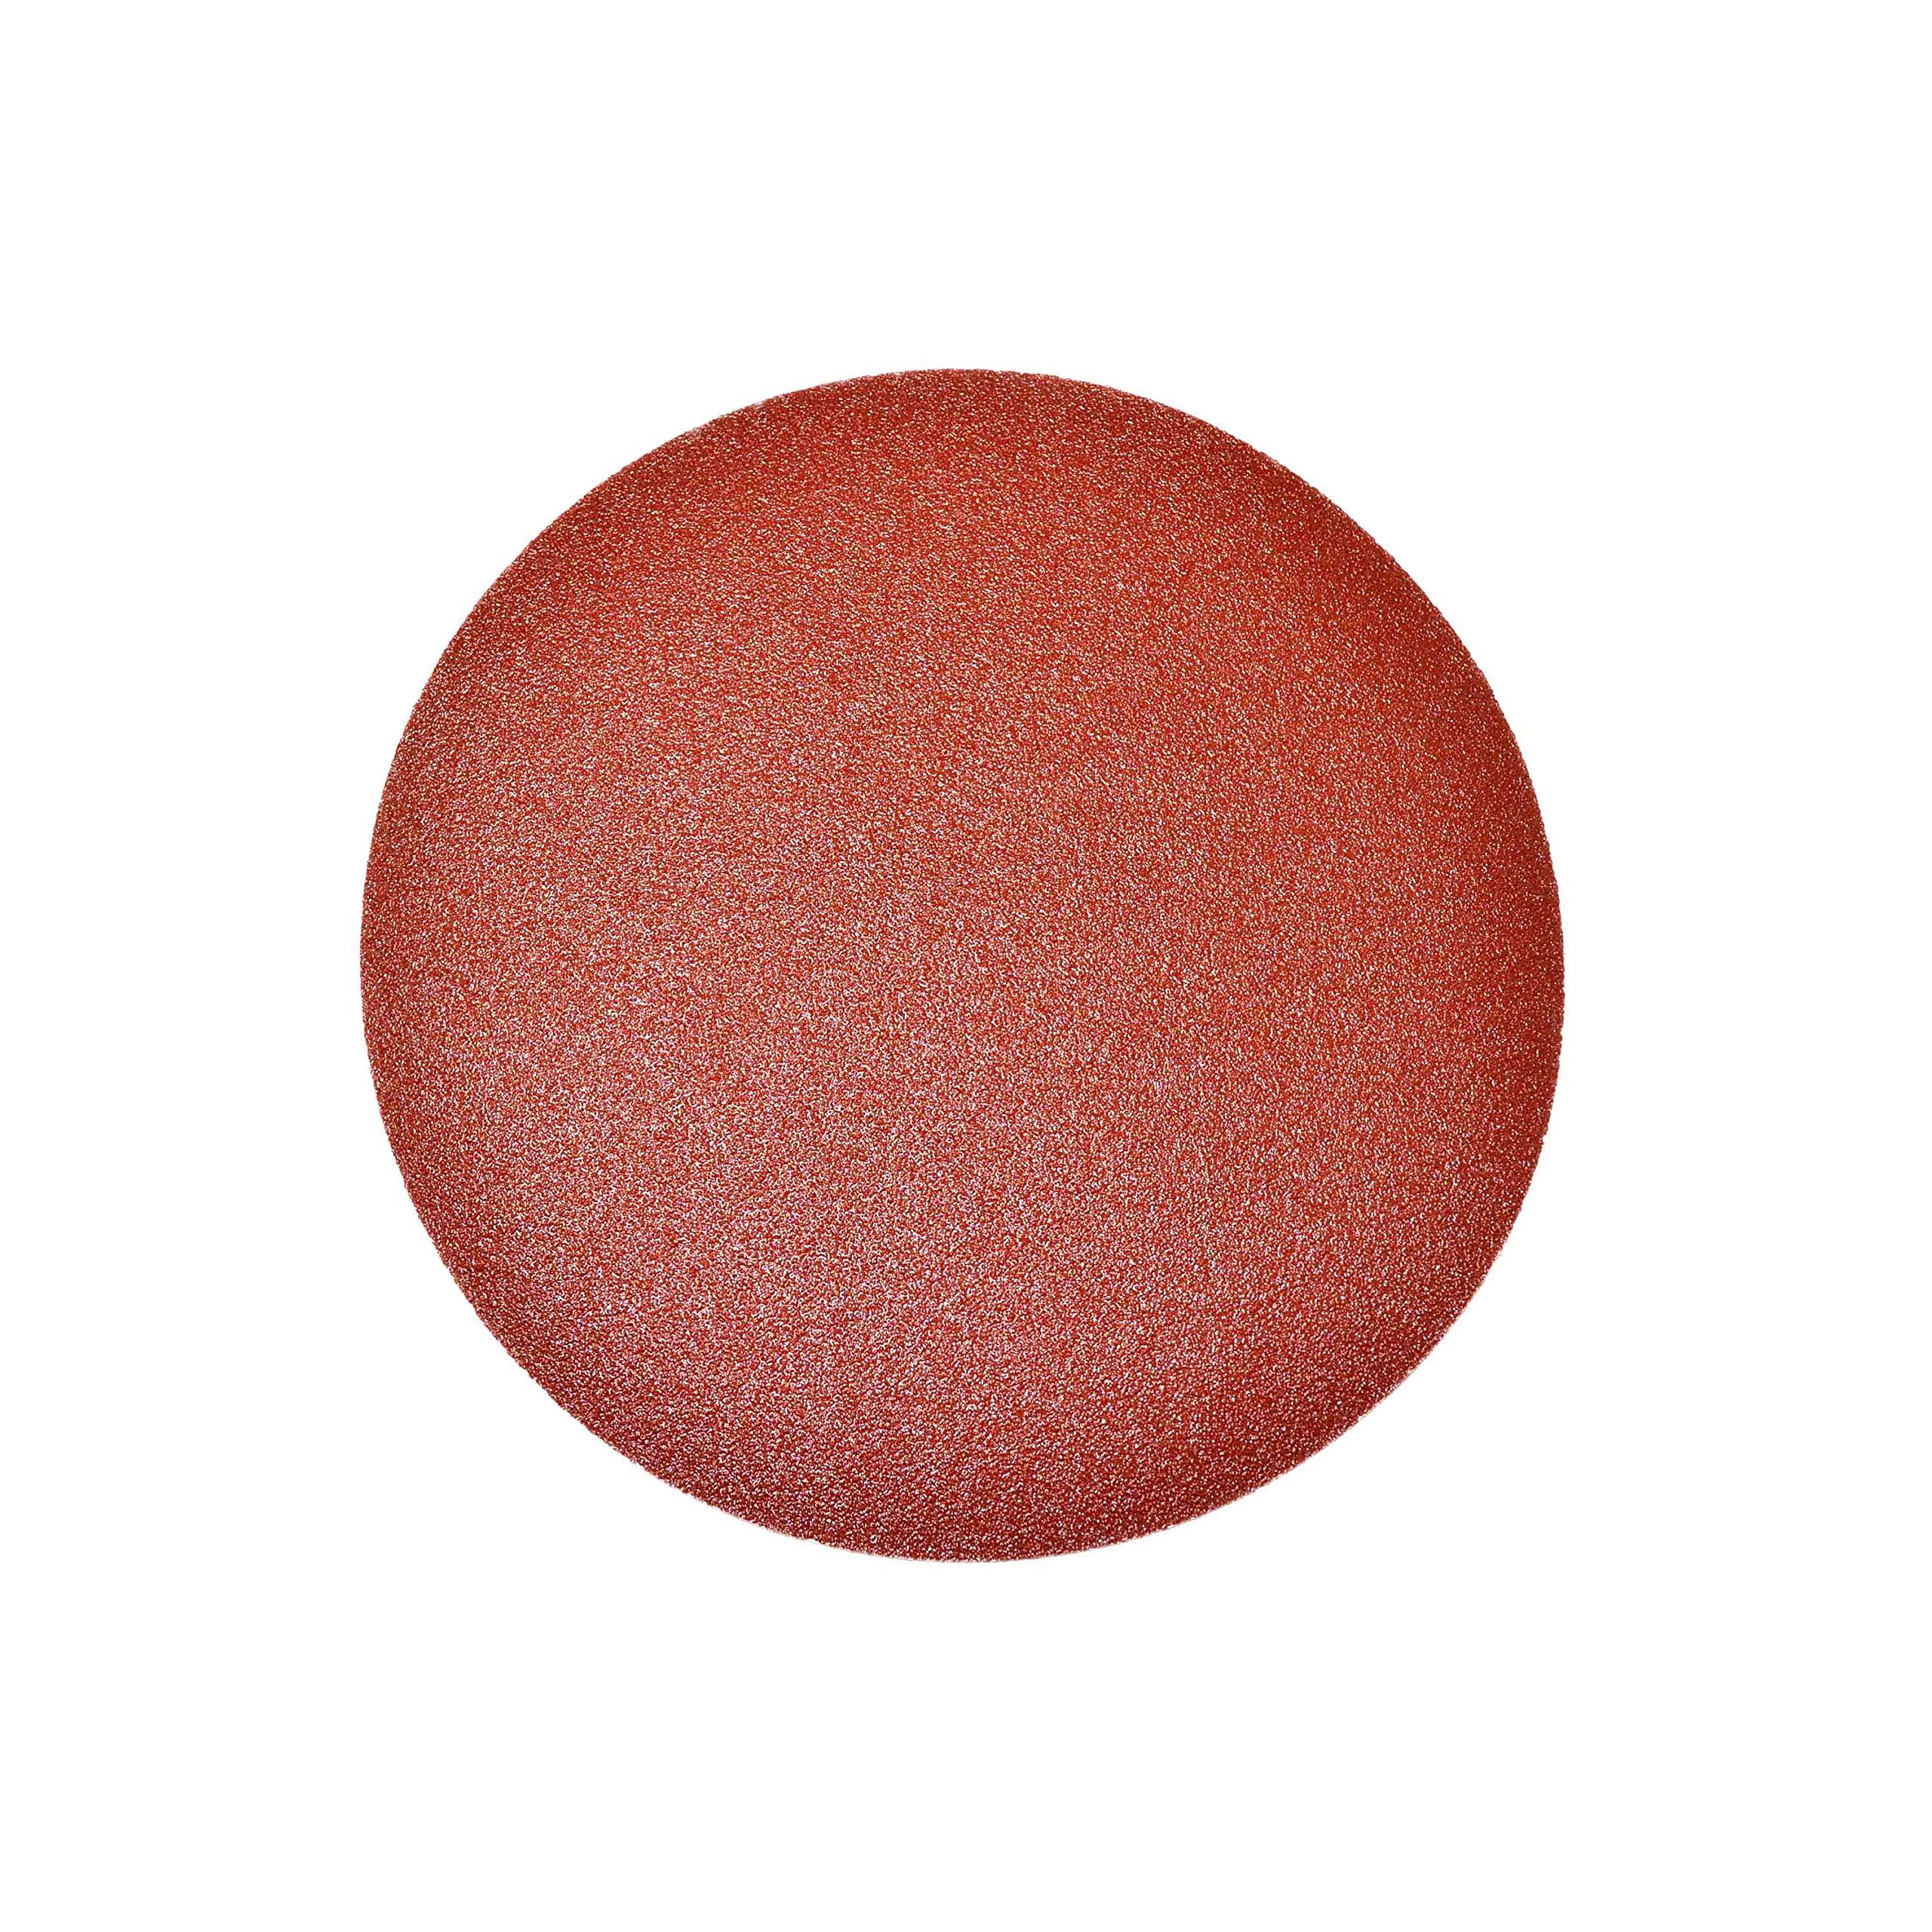 ALEKO 14SD02-10-150G 6 Inch 150 Grit Sanding Discs Sandpaper for Drywall Sander 10 Pack